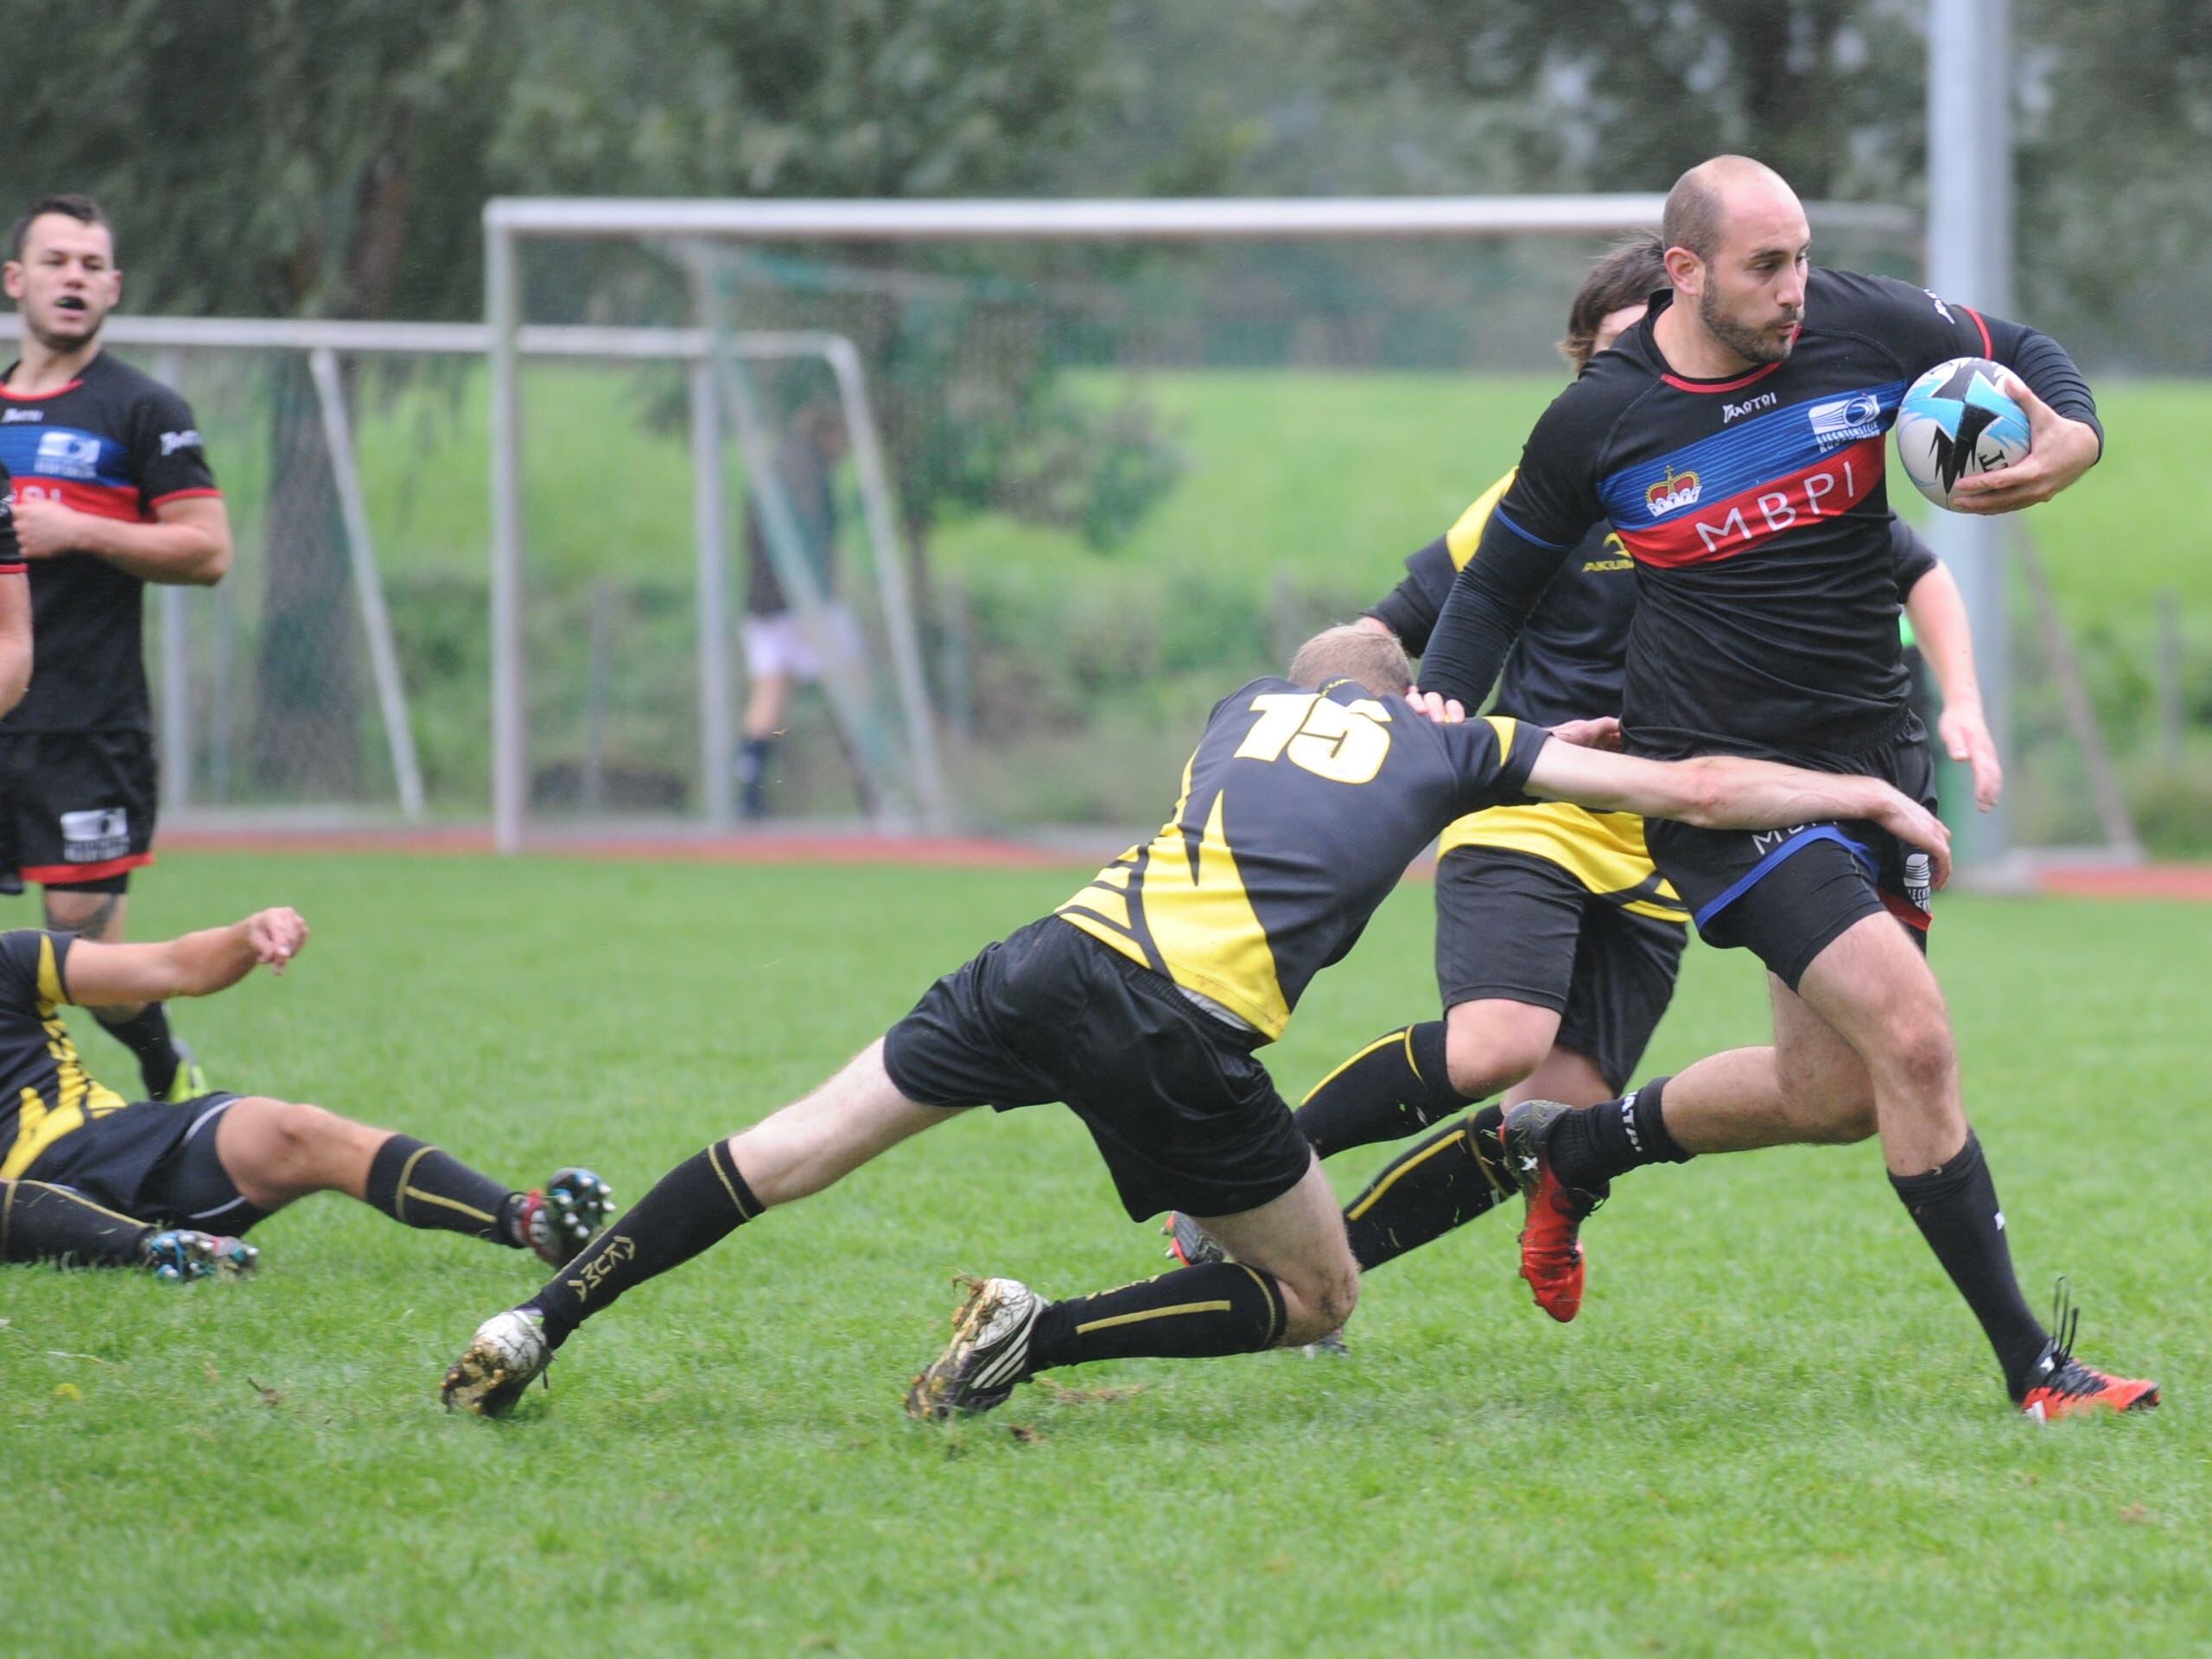 Der «Rugbyclub Üri» (gelb-schwarzes Trikot) gab im Spiel gegen Liechtenstein keinen kampflos Ball verloren. (Bild: Urs Hanhart, Flüelen, 1. September 2018)